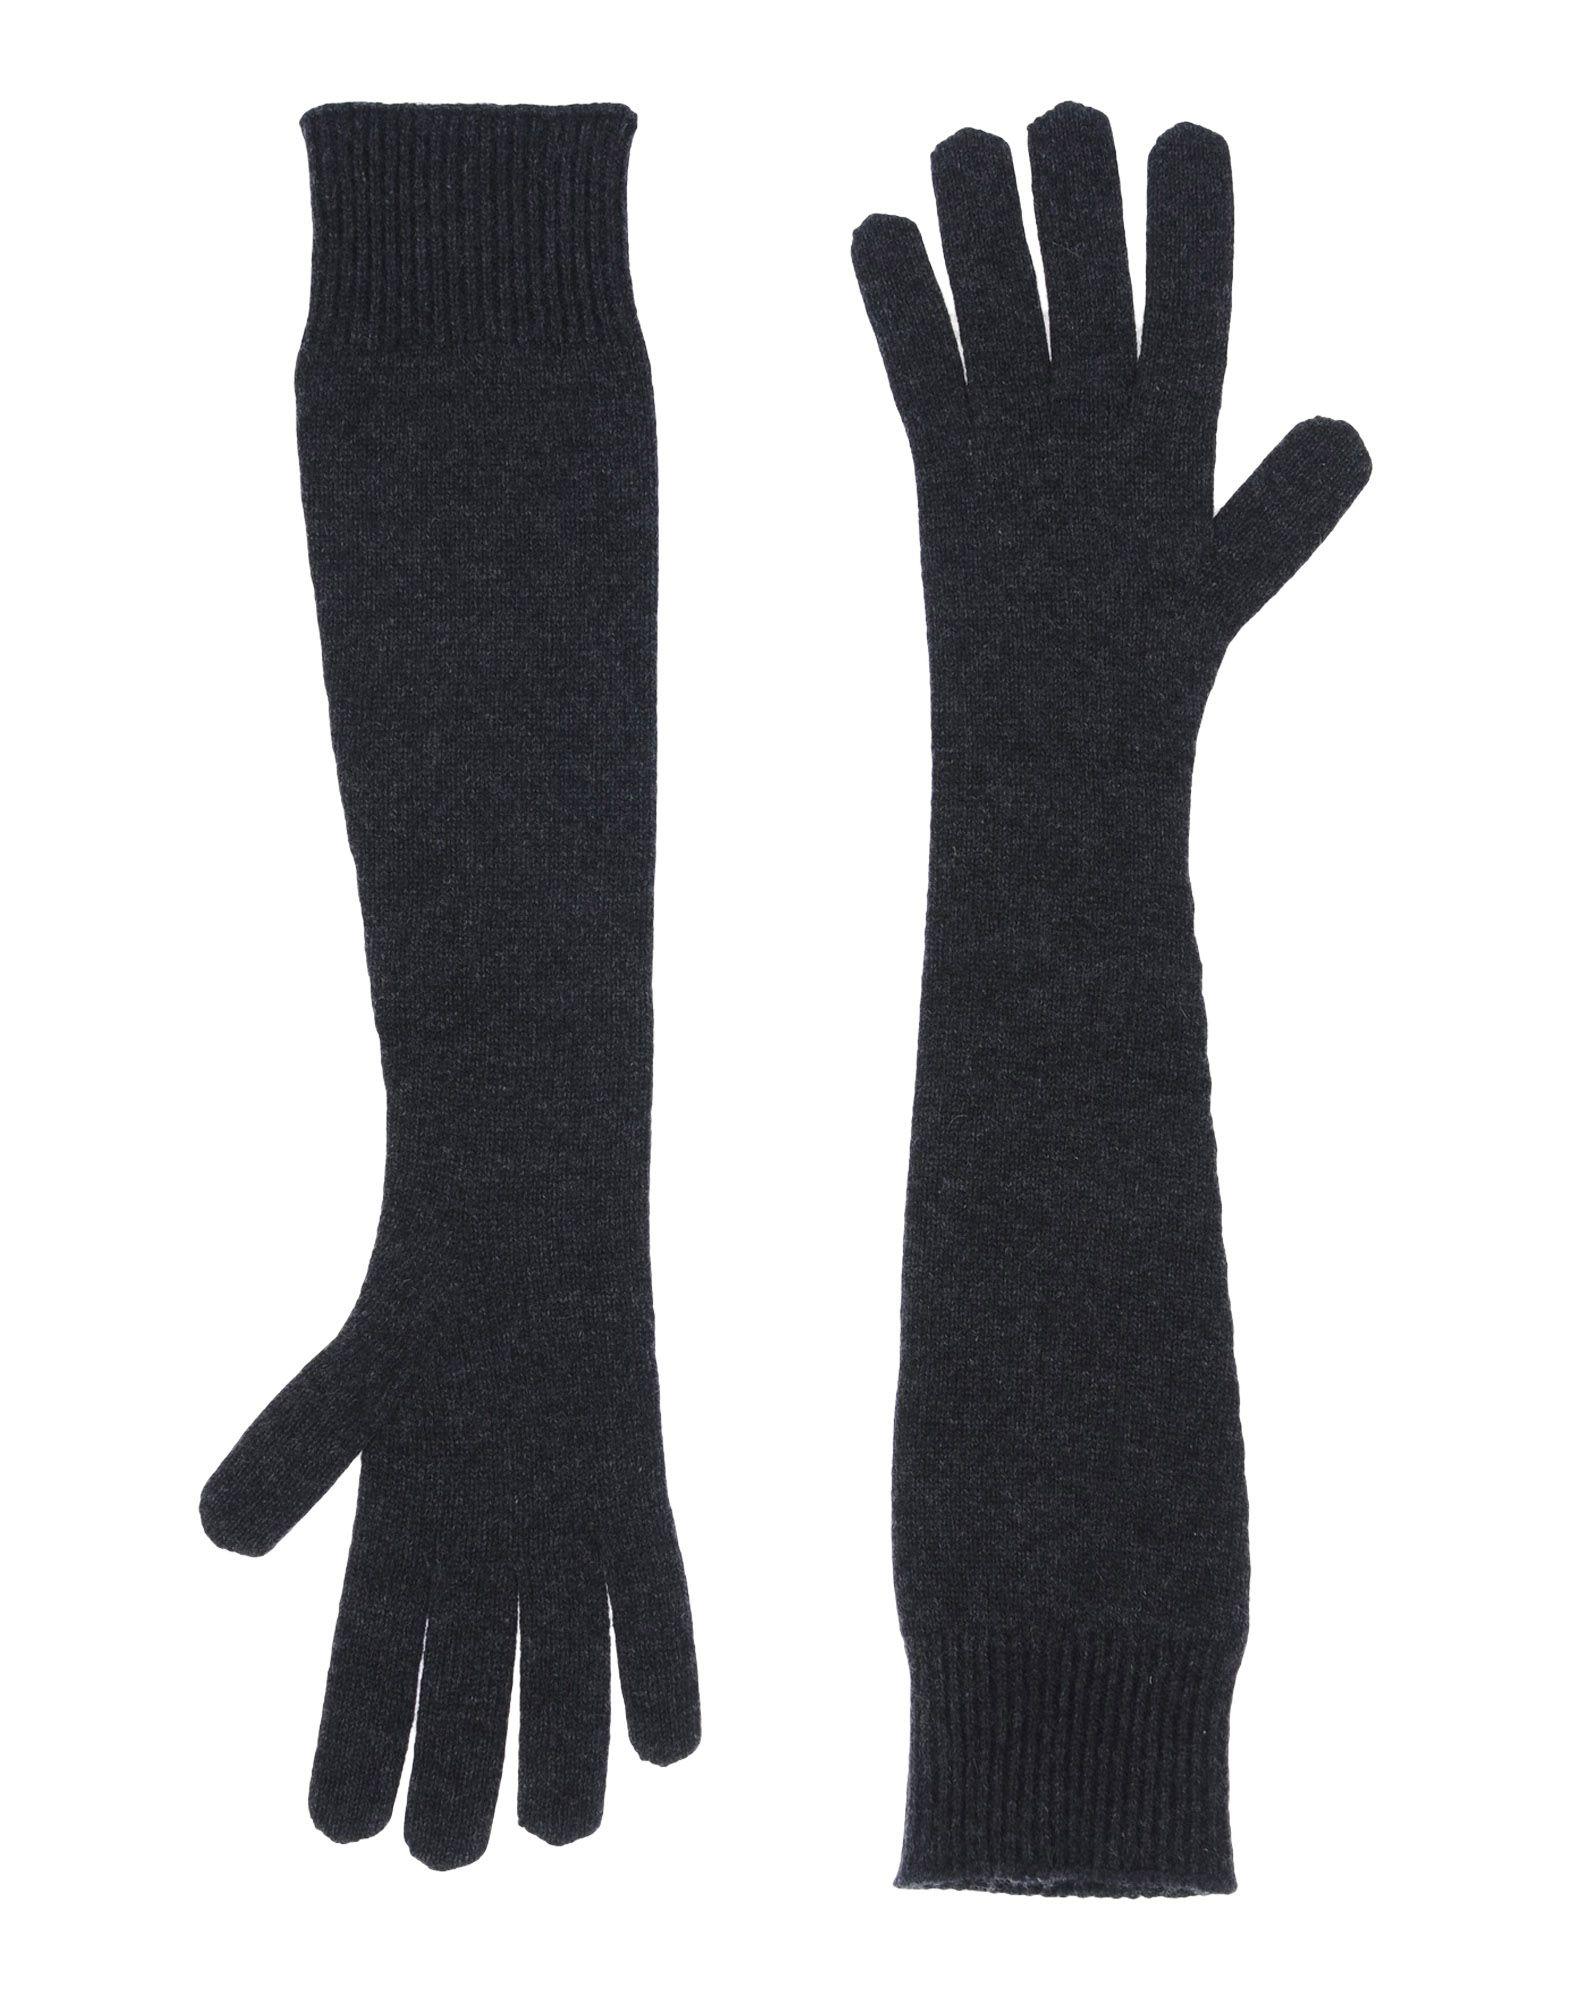 Фото - DOLCE & GABBANA Перчатки защитные антистатические перчатки из углеродного волокна ermar erma